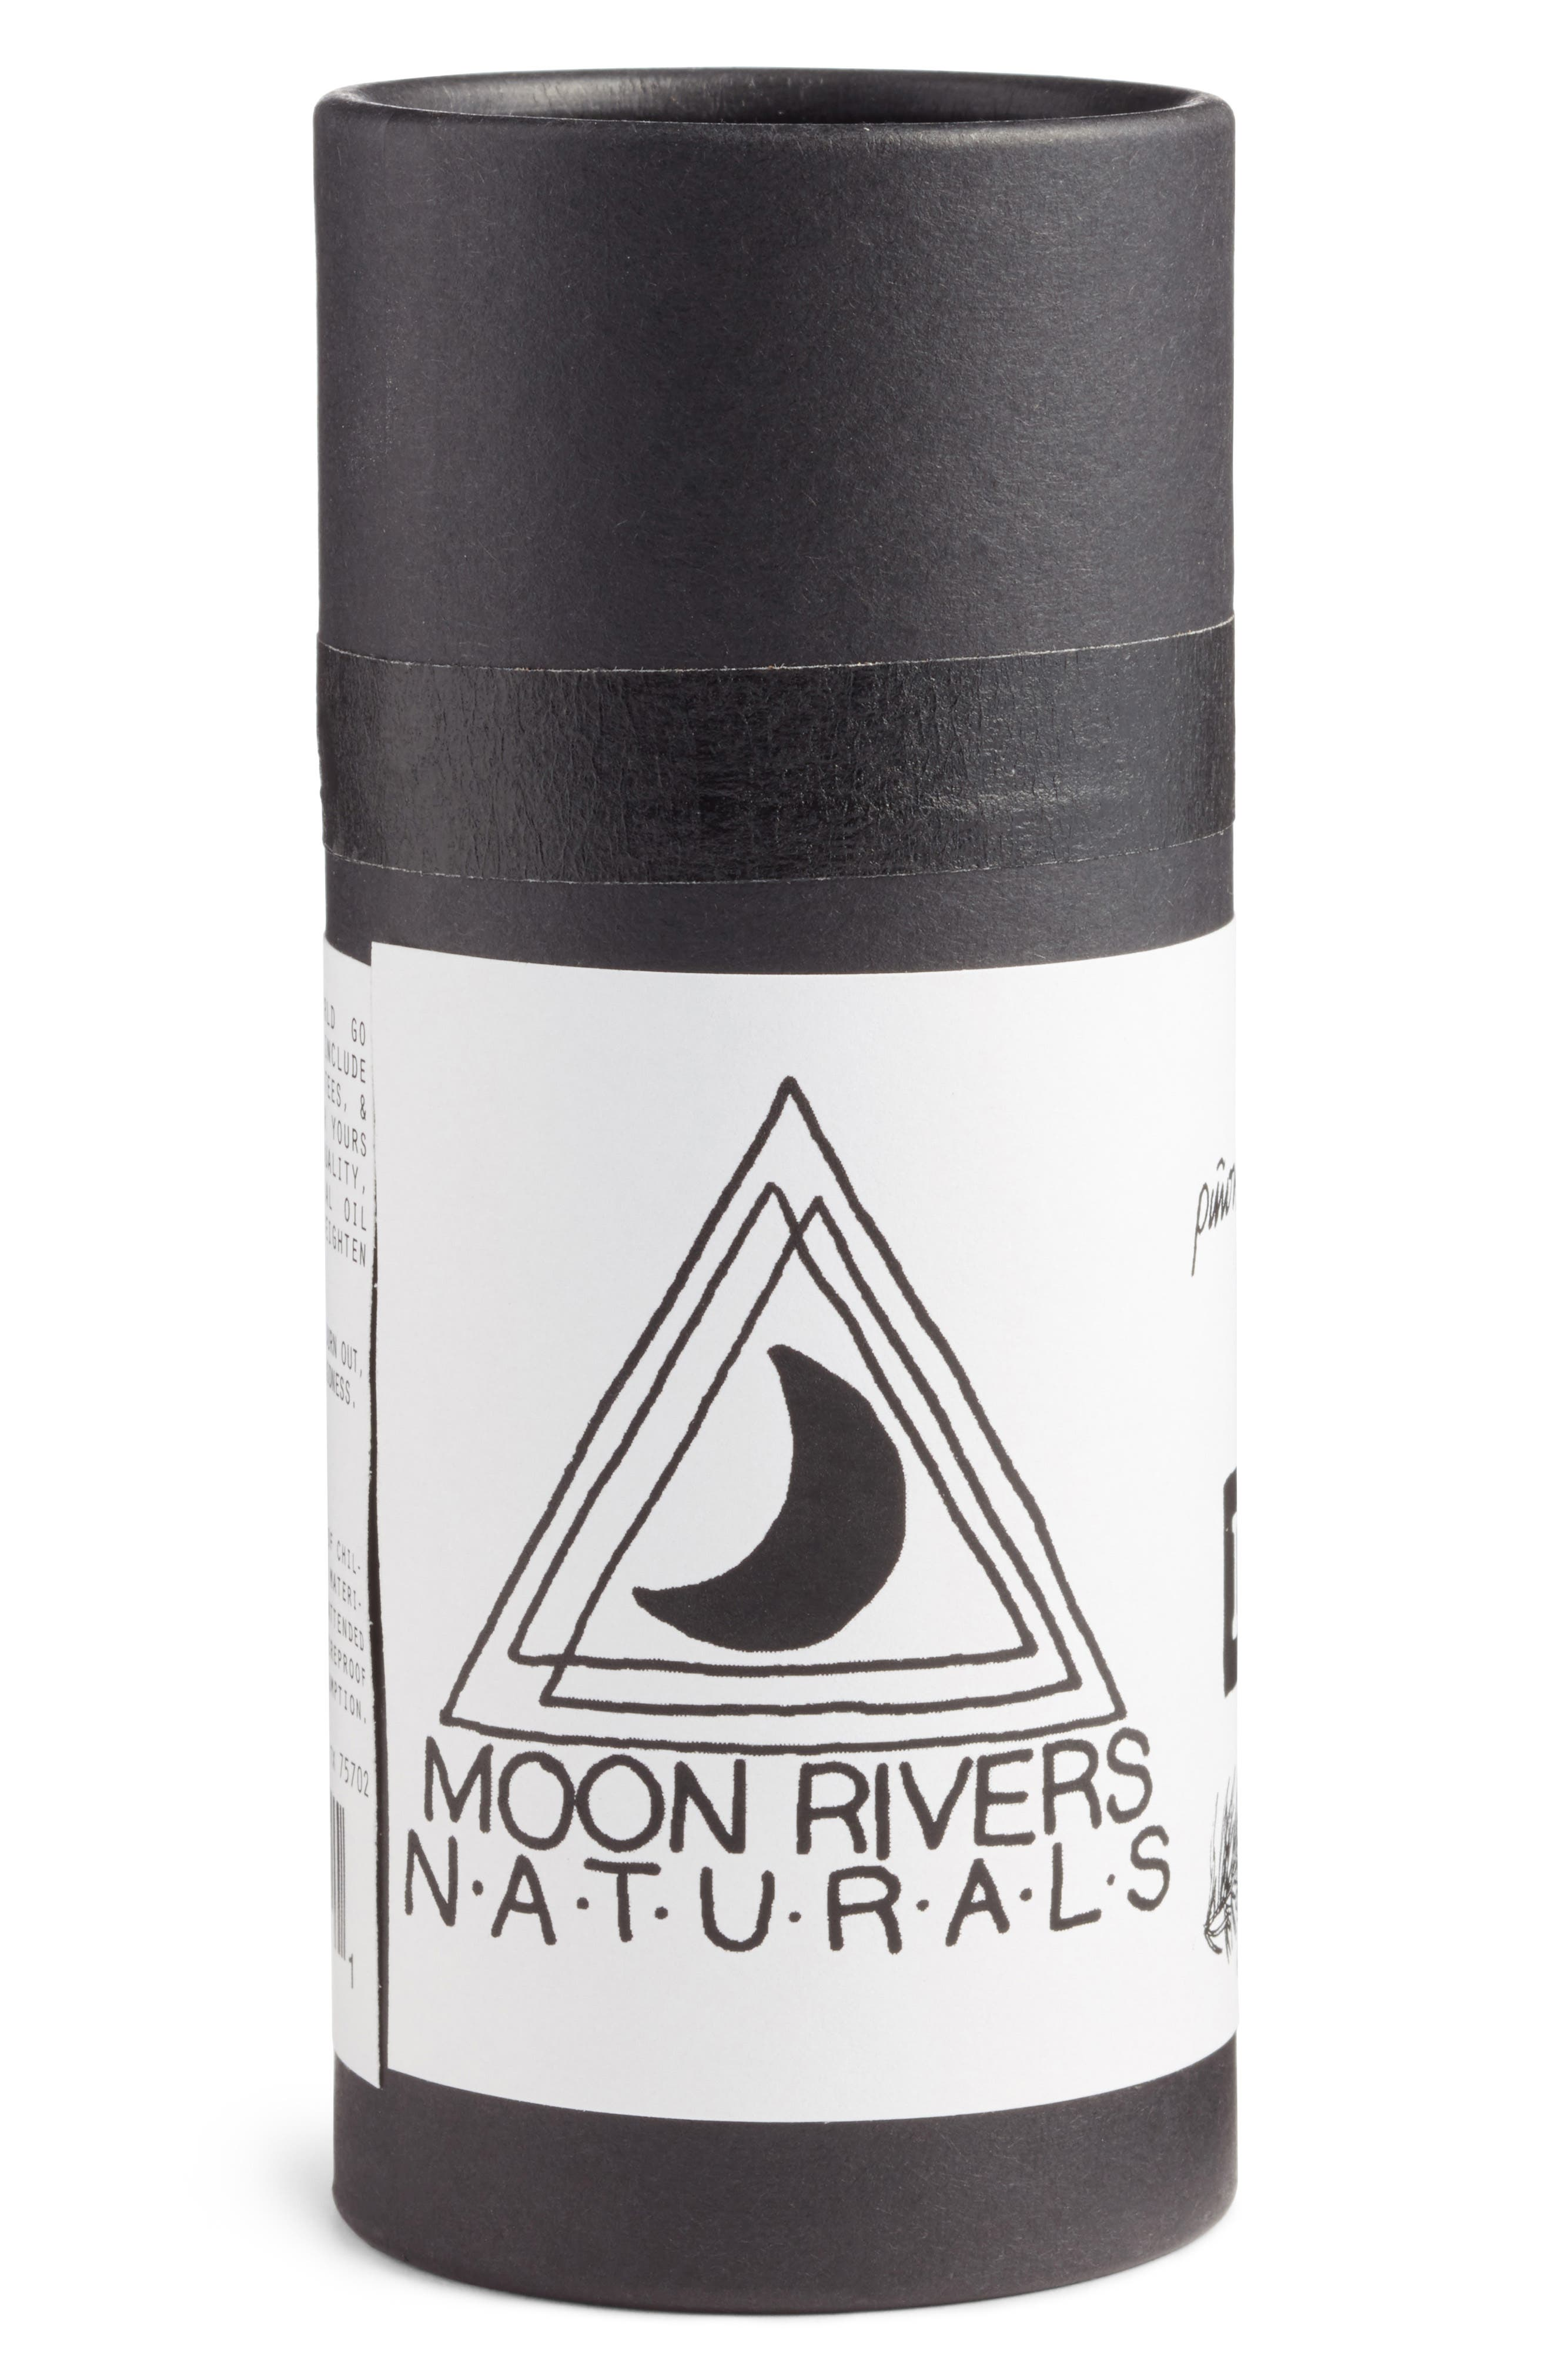 Main Image - Moon Rivers Naturals Piñon, Eucalyptus & Lemongrass Incense